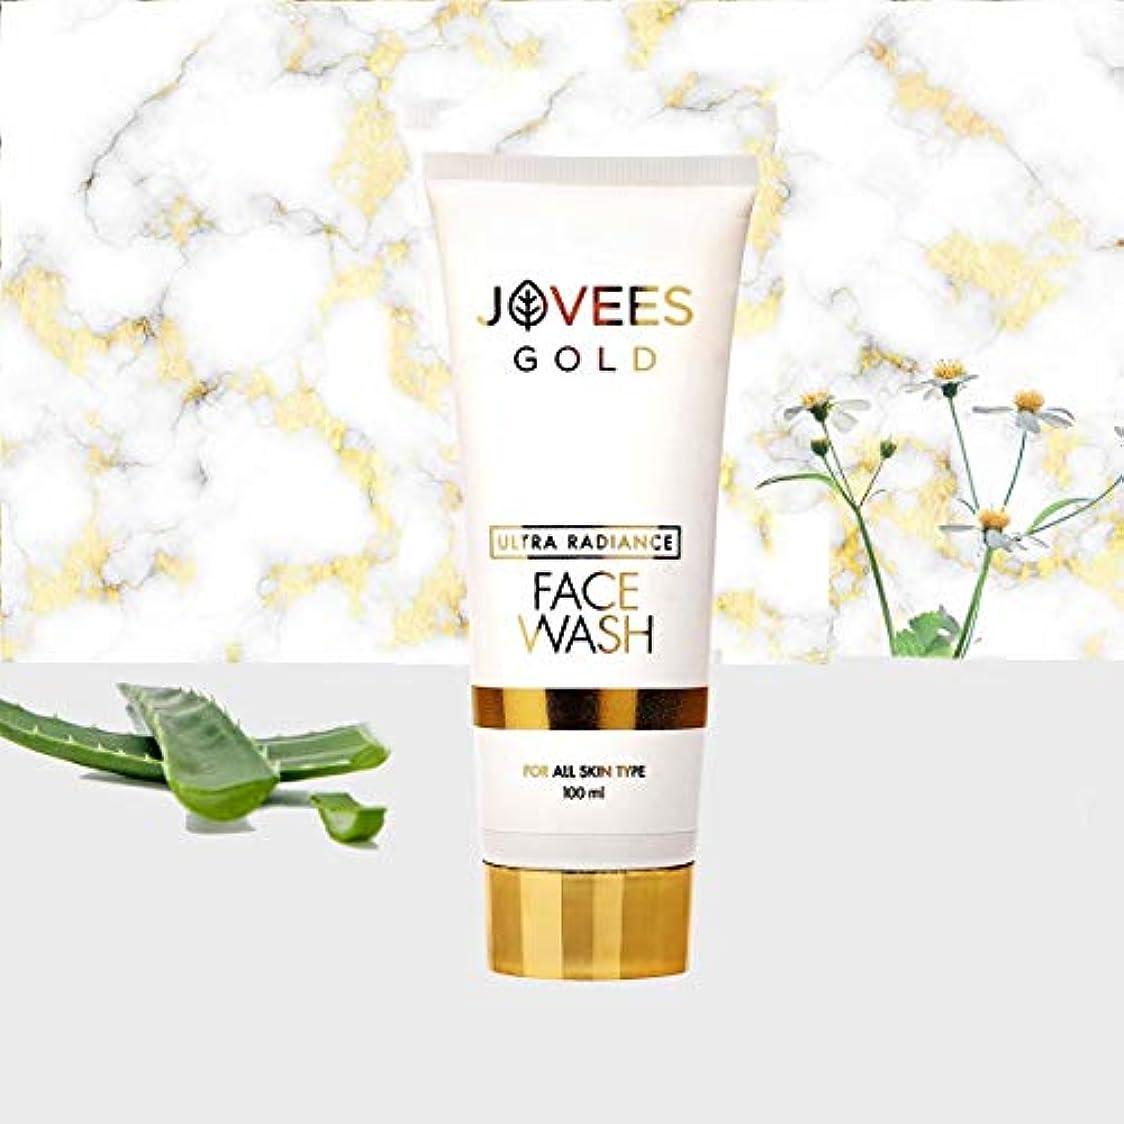 聴覚障害者アルバム普通のJovees Ultra Radiance 24K Gold Face Wash 100ml to help bring glow and radiance 輝きと輝きをもたらすのを助けるためにJovees Ultra...